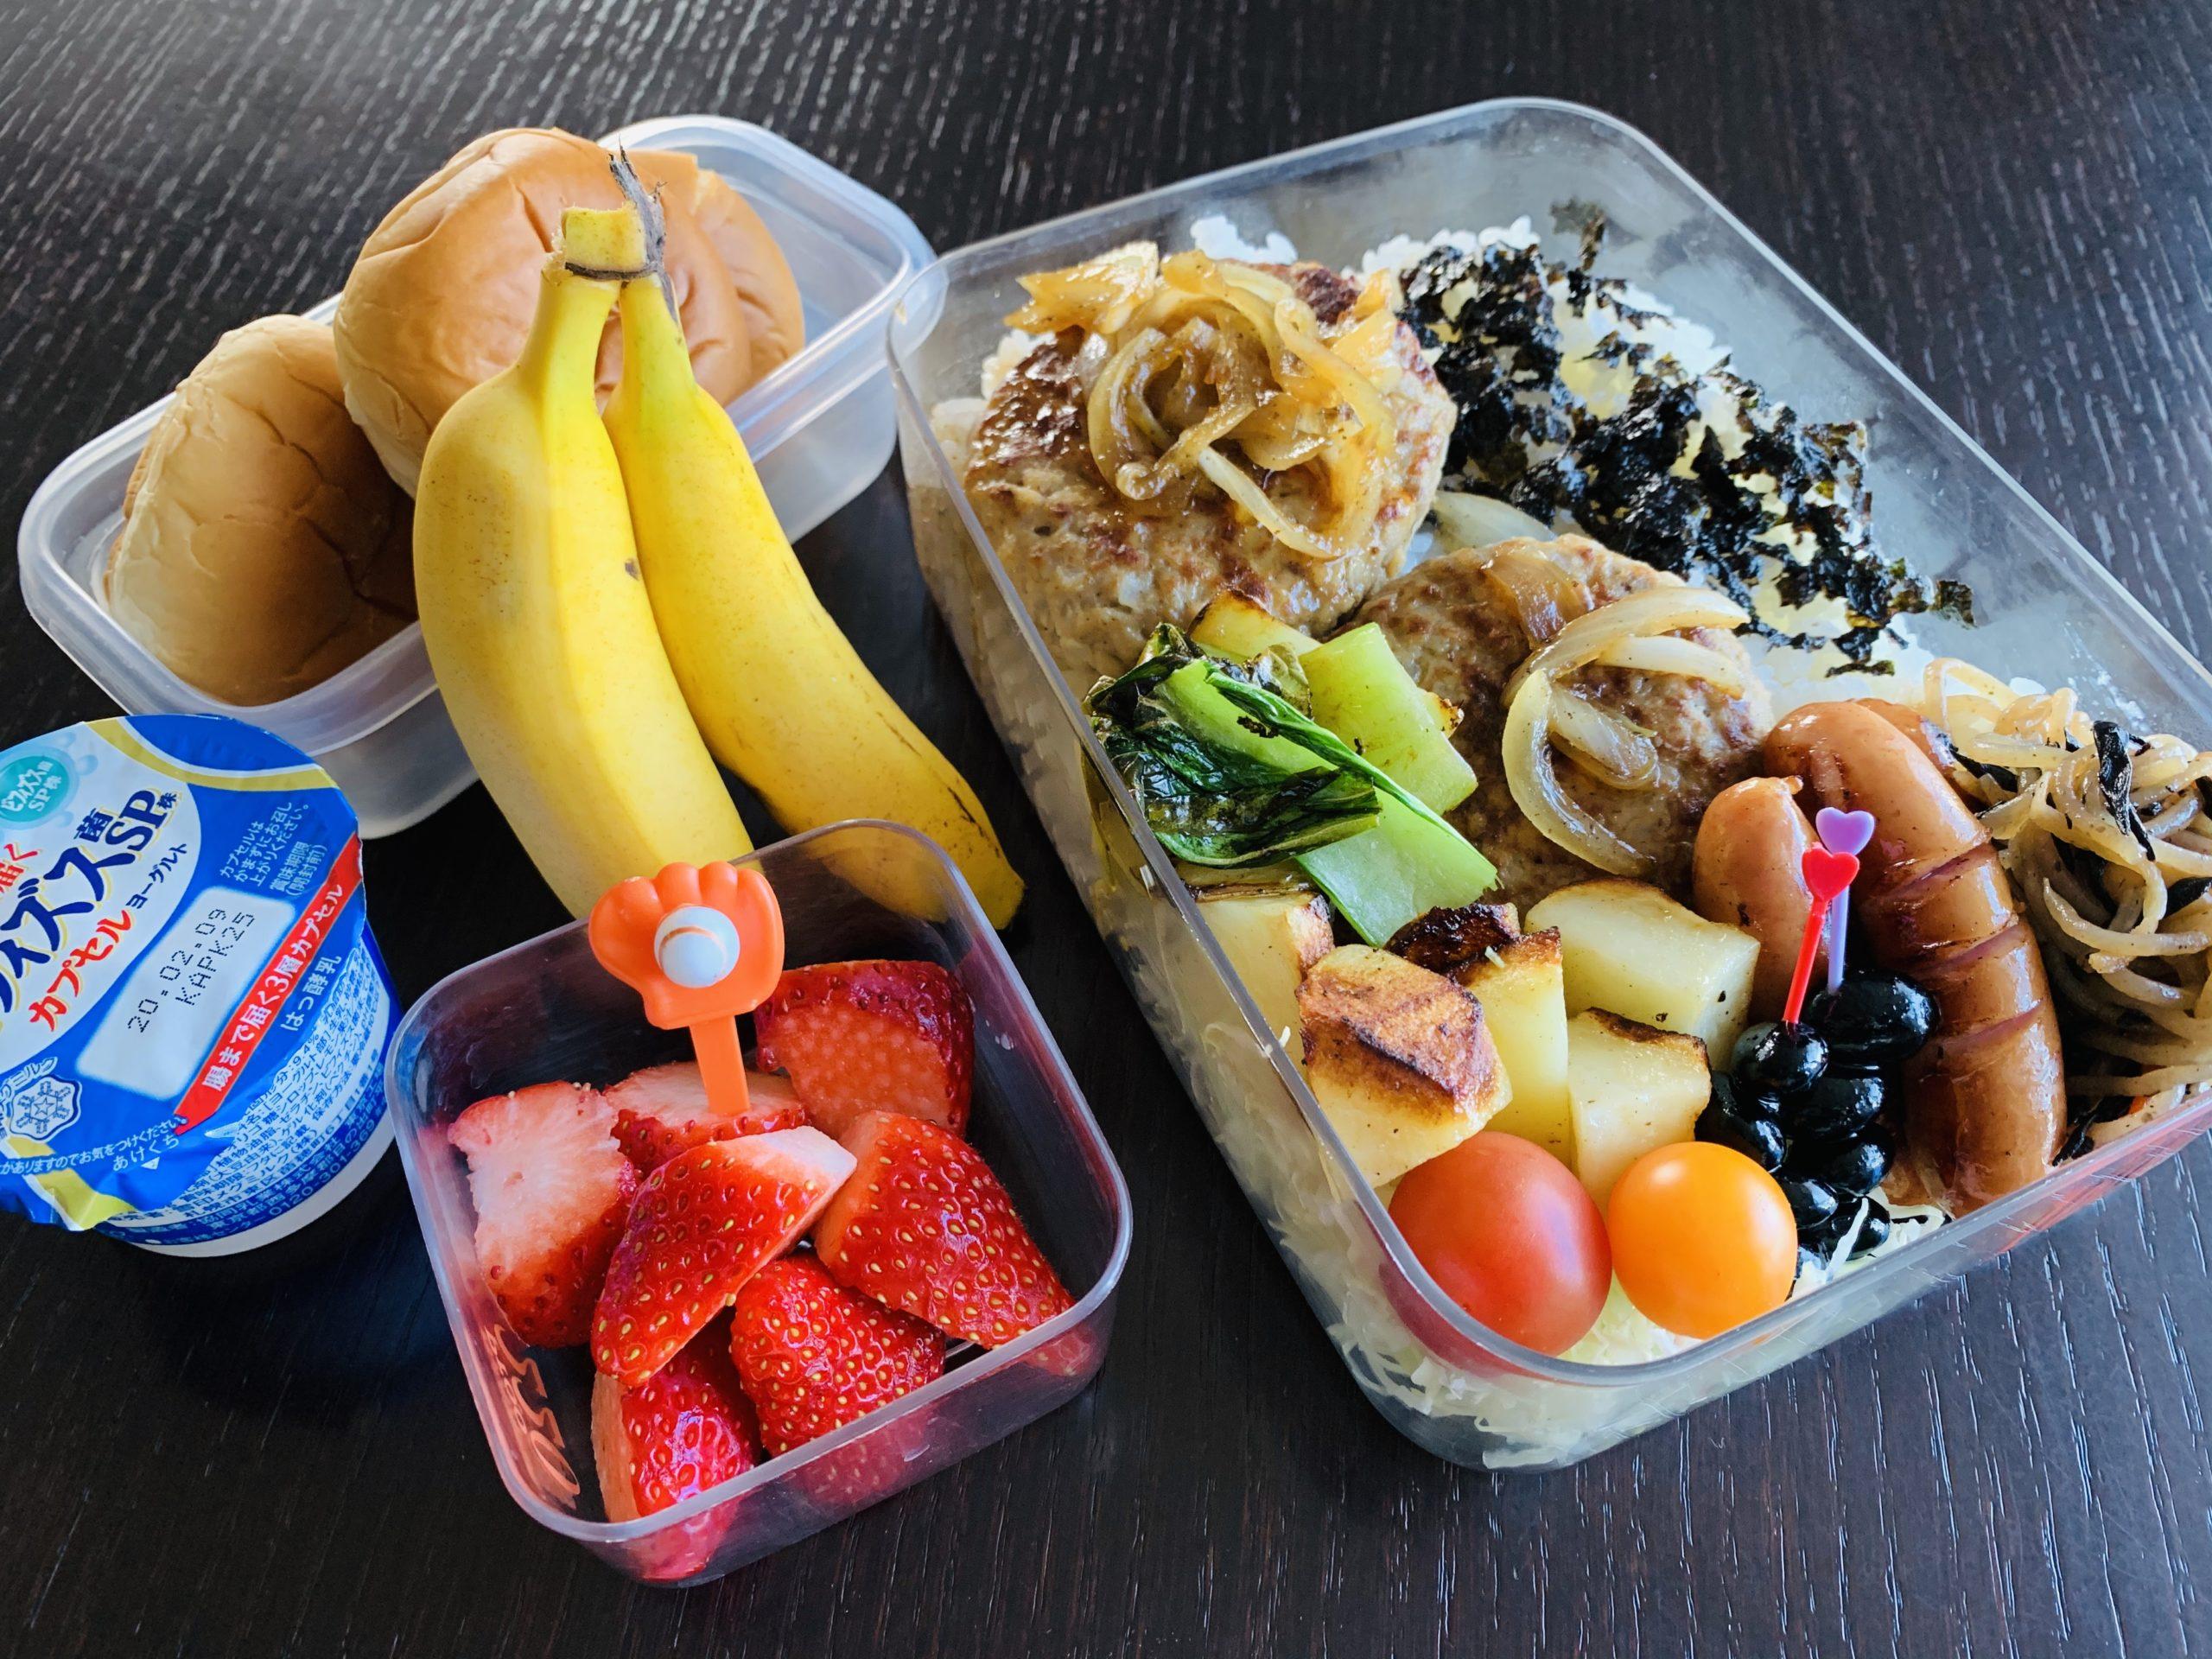 アスリートフードマイスター 今江サチコさん 忙しい朝でも簡単ボリューム栄養満点弁当(2月)